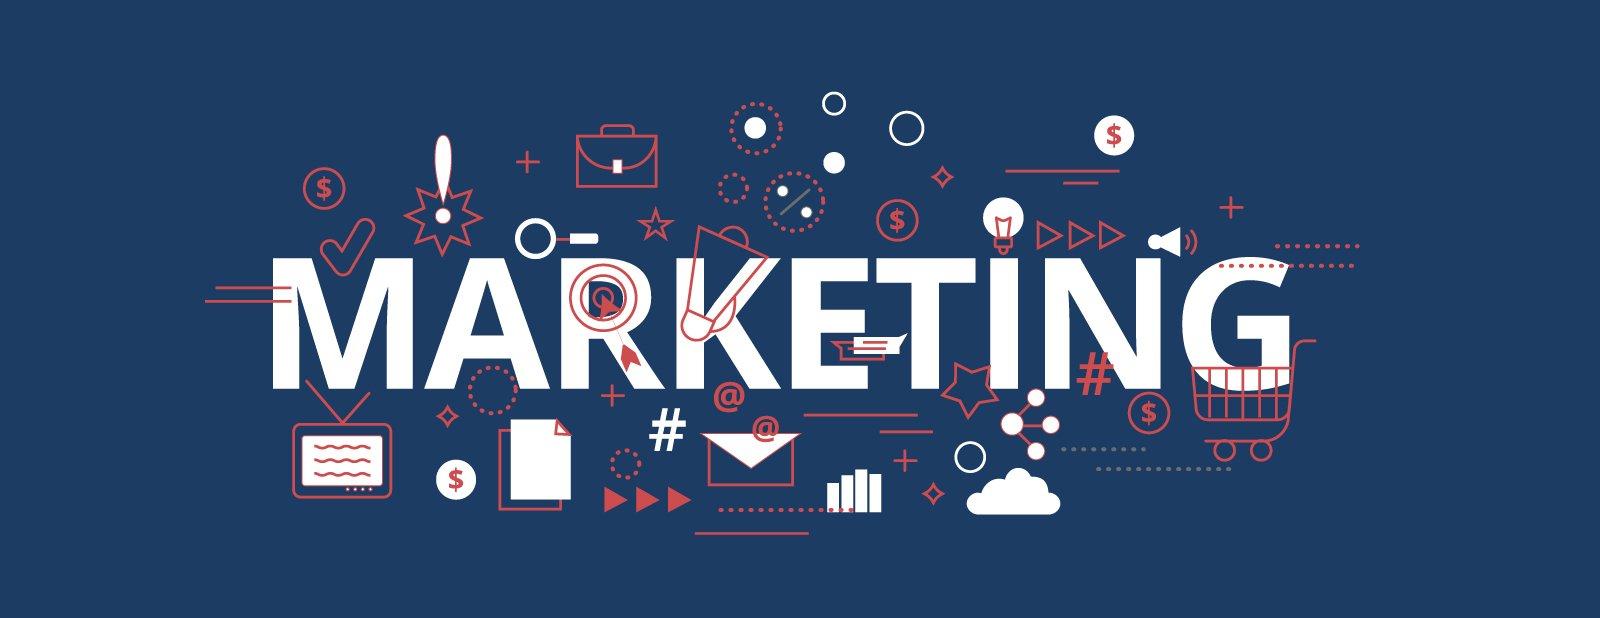 papel do marketing no controle das estratégias de comunicação